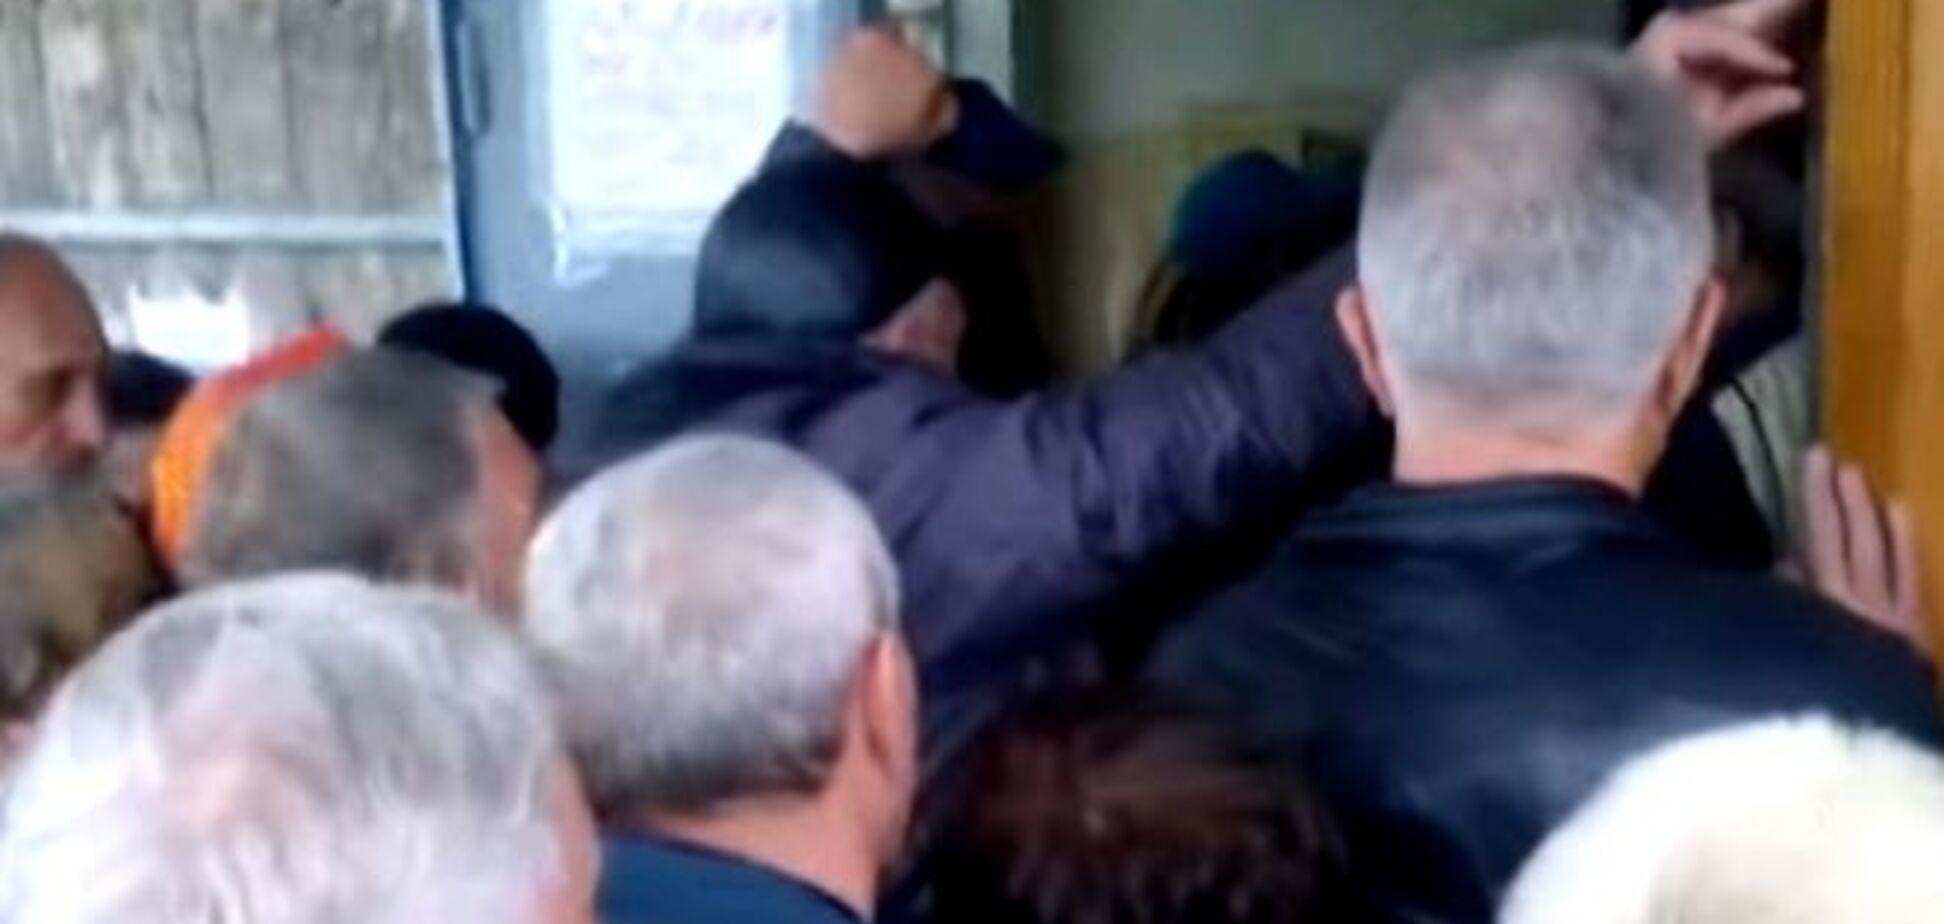 'СРСР 2.0'. У Луганську утворилася тиснява в черзі за пенсією: Відеофакт